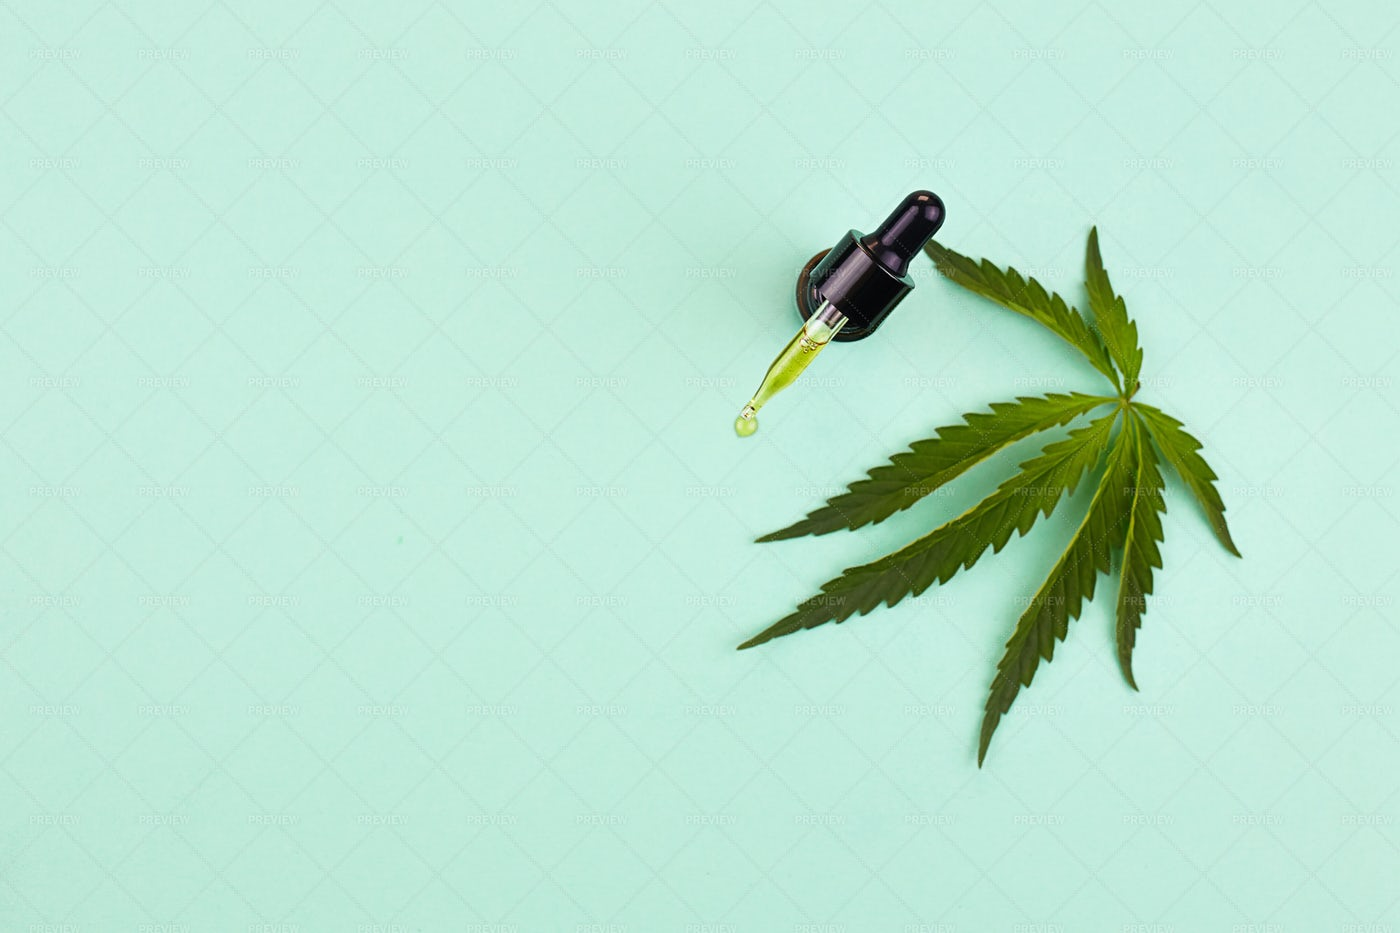 Cannabis Leaf And Oil: Stock Photos